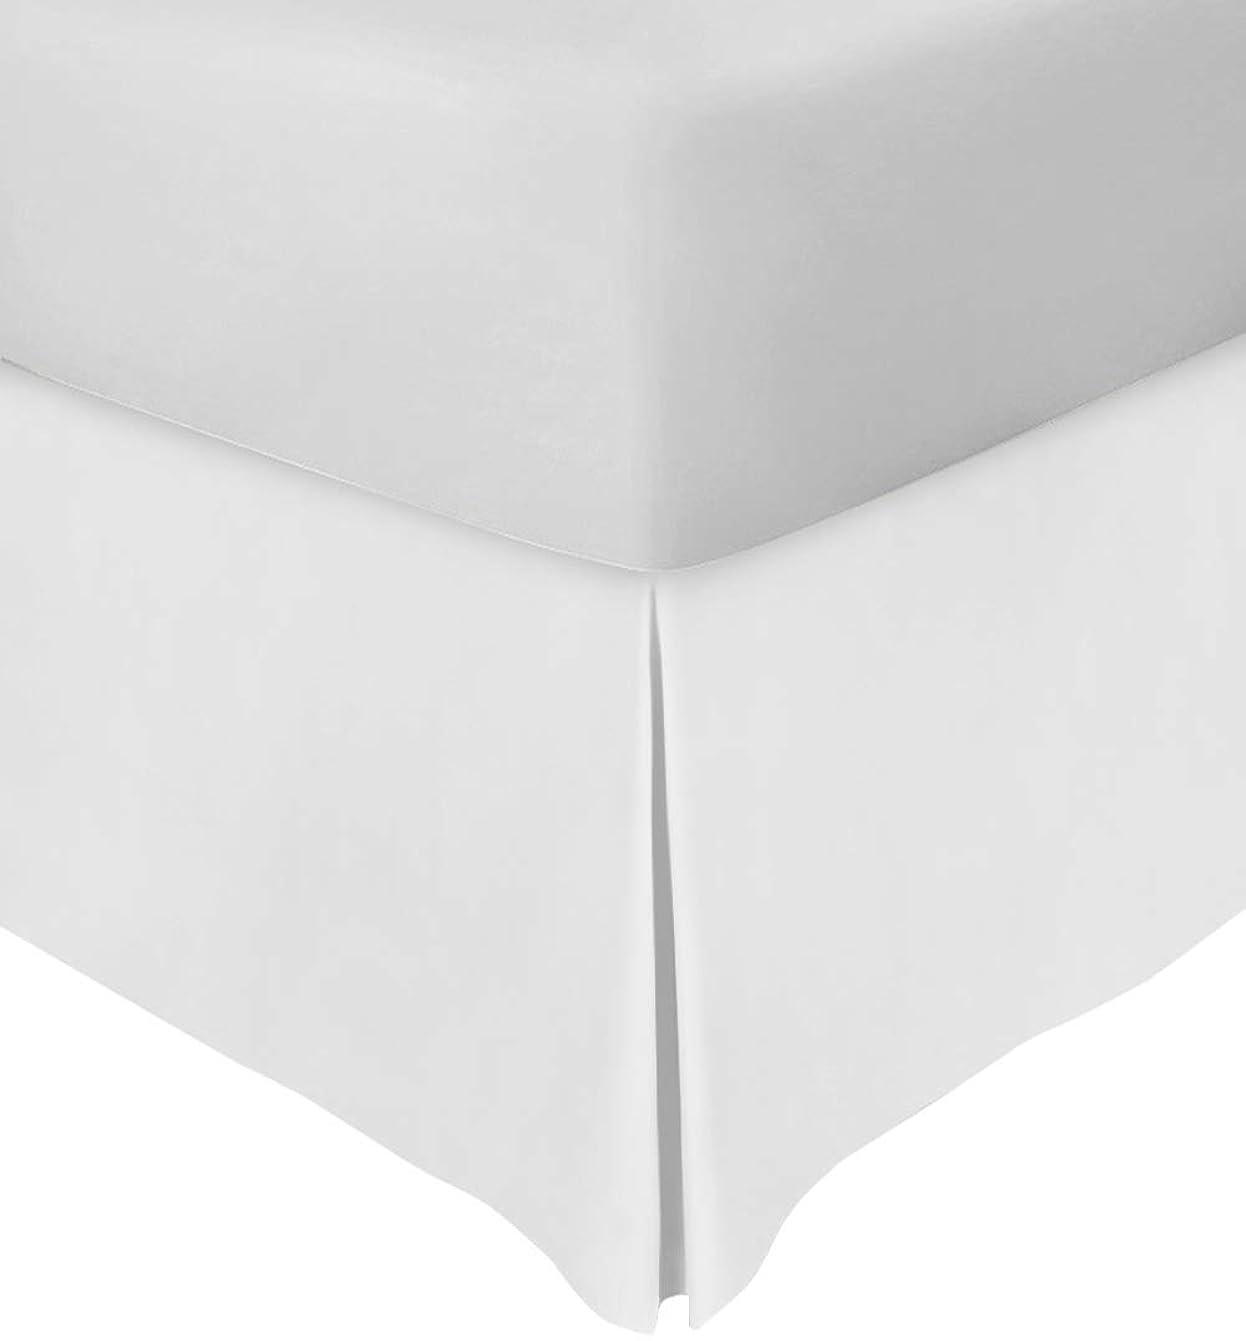 地獄メモ知恵Rahooプレミアム品質ベッドスカートキング16インチドロップ分割コーナー500?Thread Count品質1?pcベッドスカートwith 100?%エジプト綿(ホワイトソリッドKing 78?x 80サイズ)